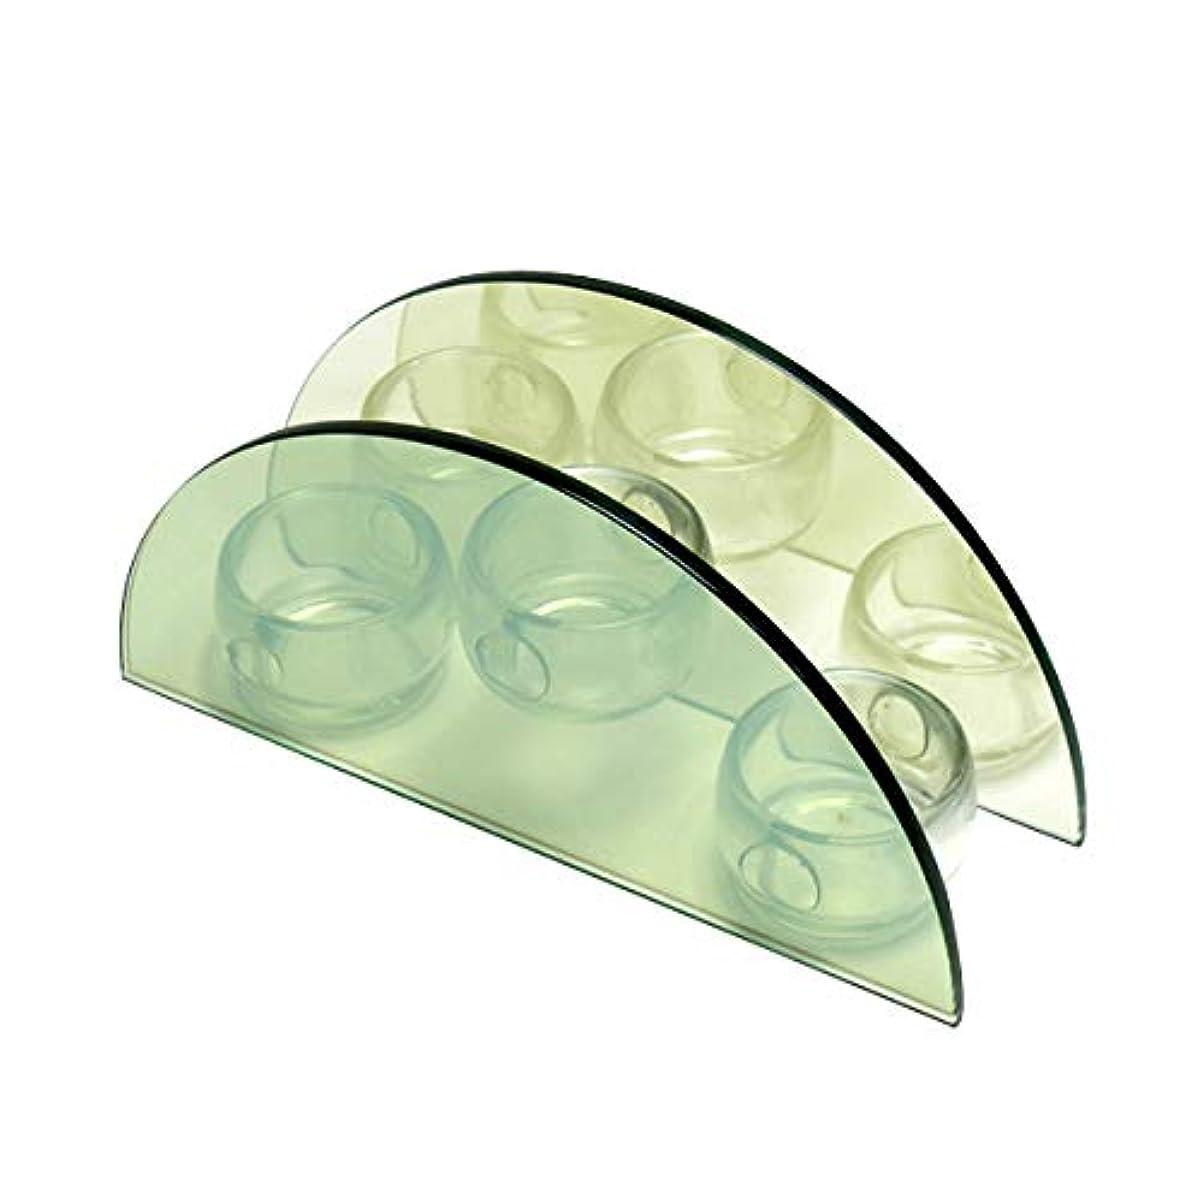 無駄にイベントファン無限連鎖キャンドルホルダー セミサークル ガラス キャンドルスタンド ランタン 誕生日 ティーライトキャンドル